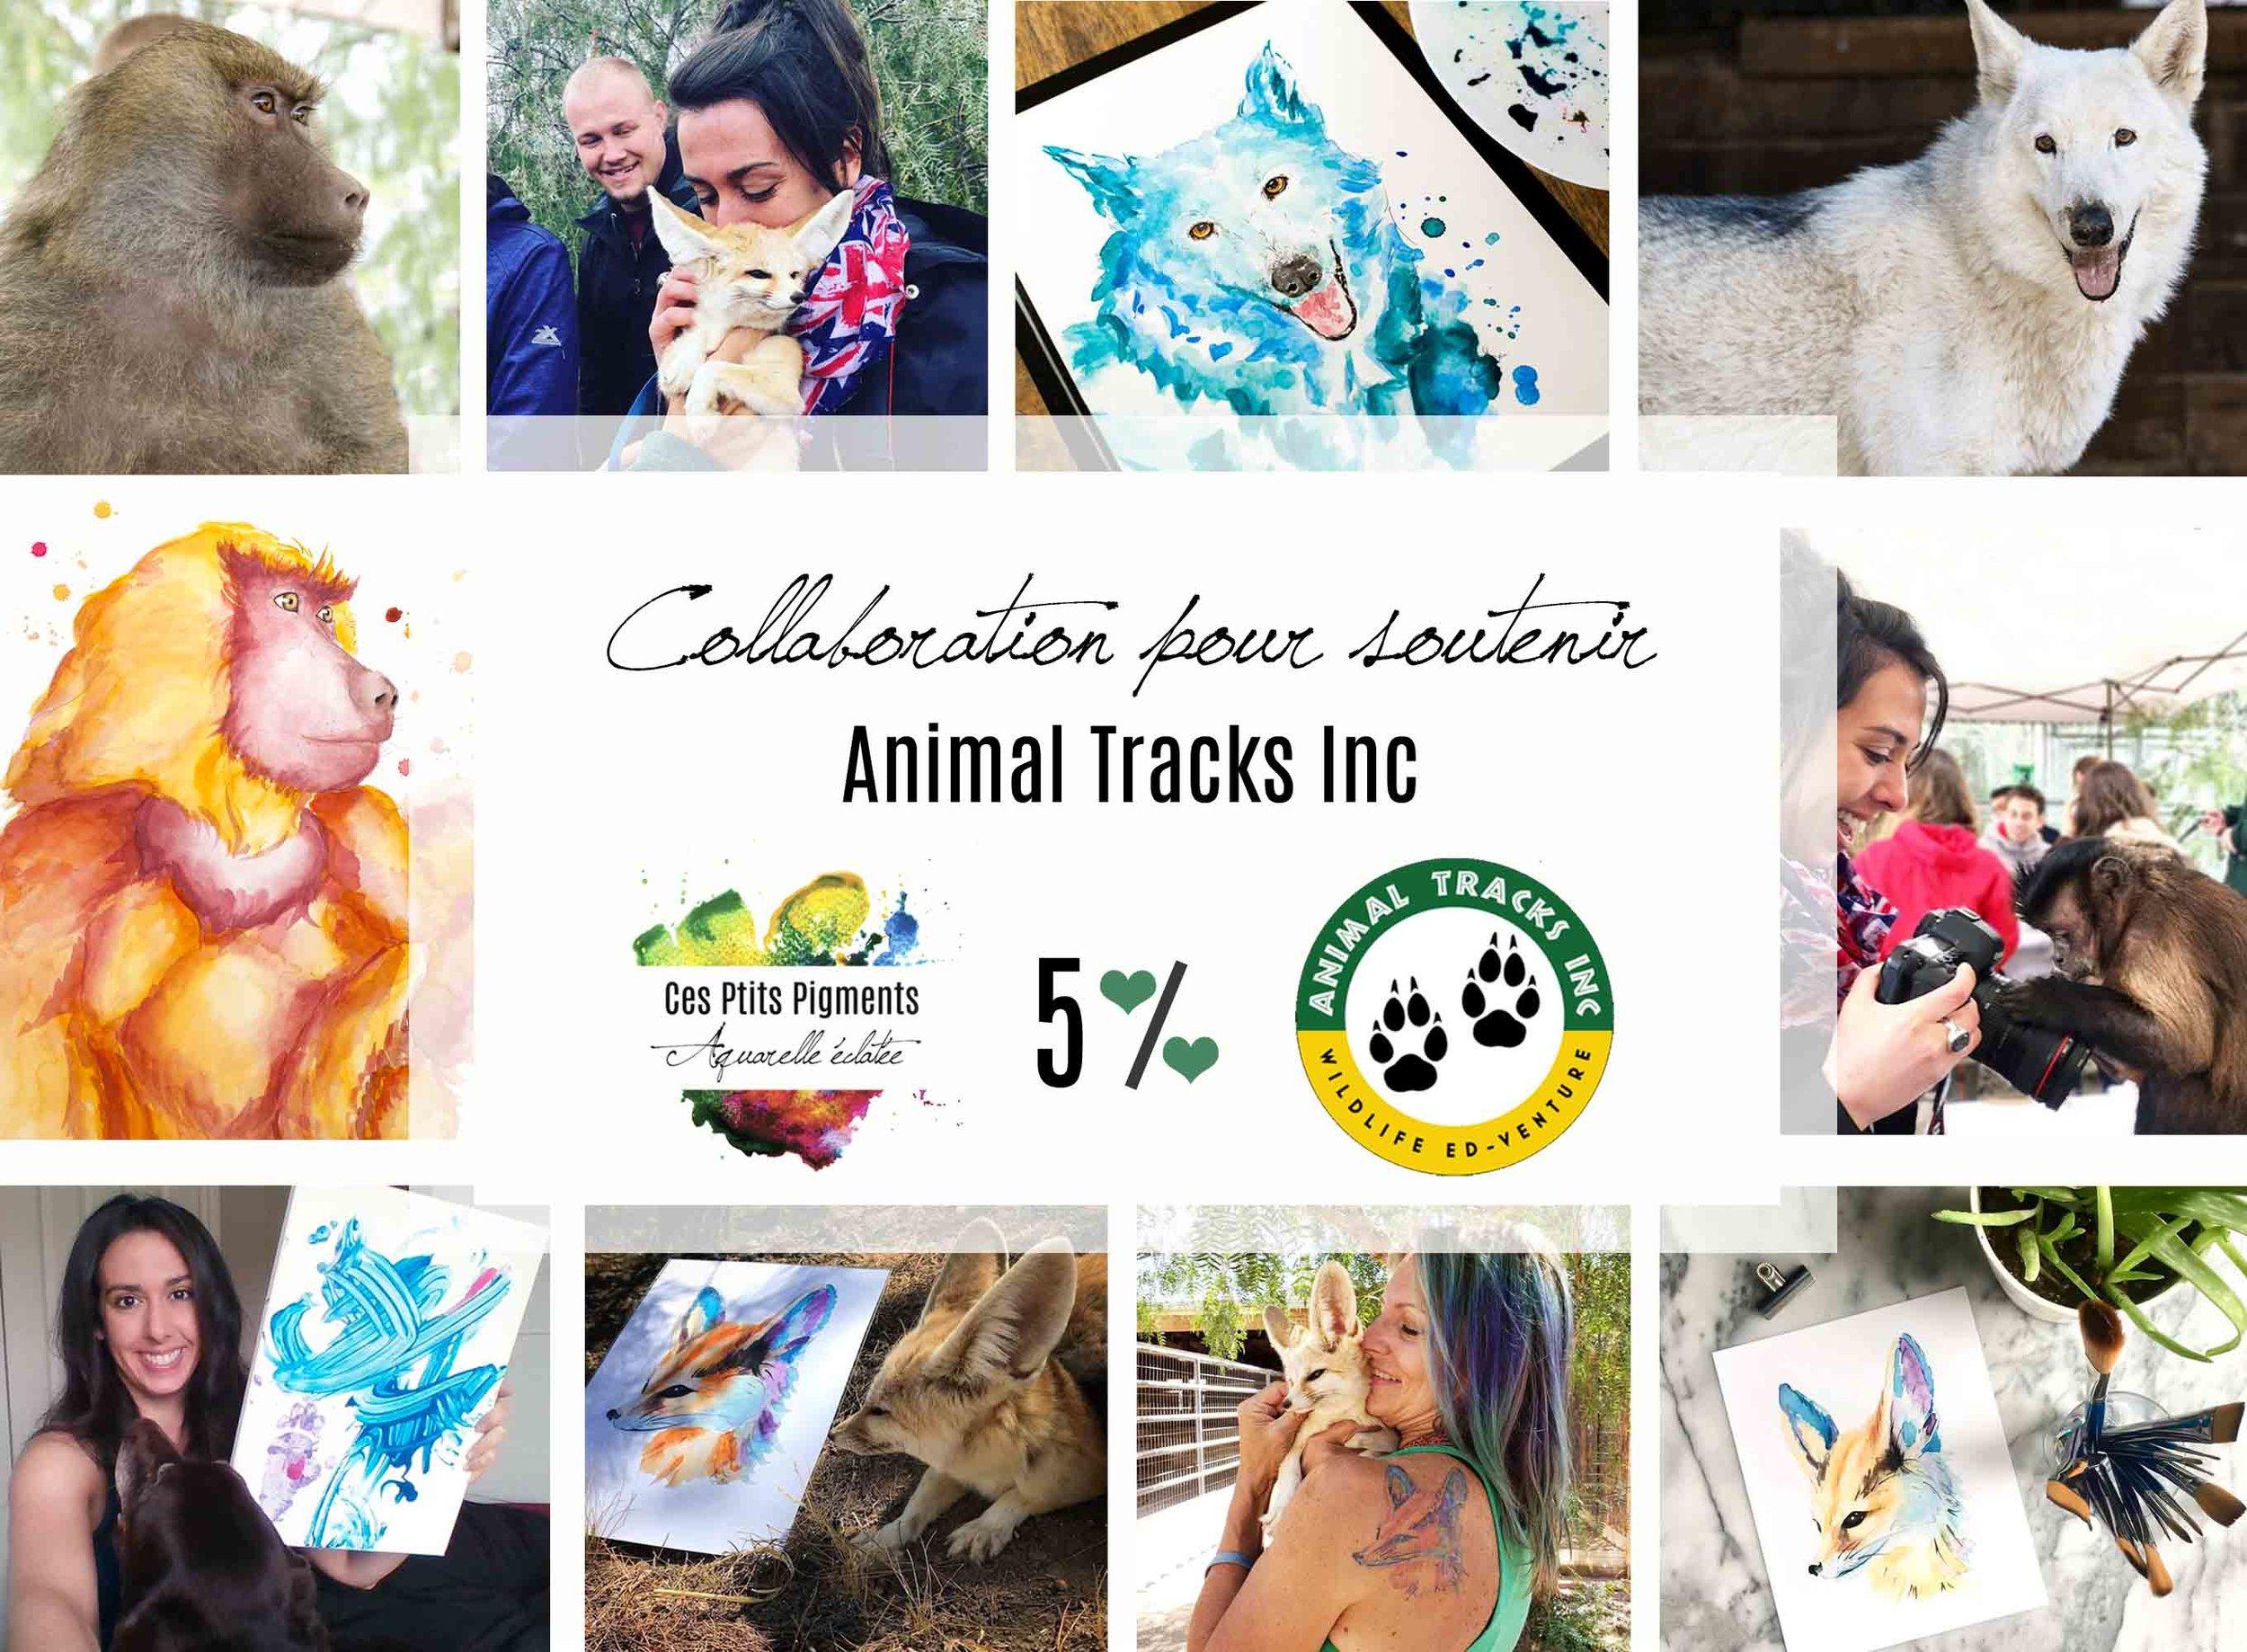 Animal Tracks Inc est un refuge pour animaux situé à Agua Dulce, au nord de Los Angeles, CA.